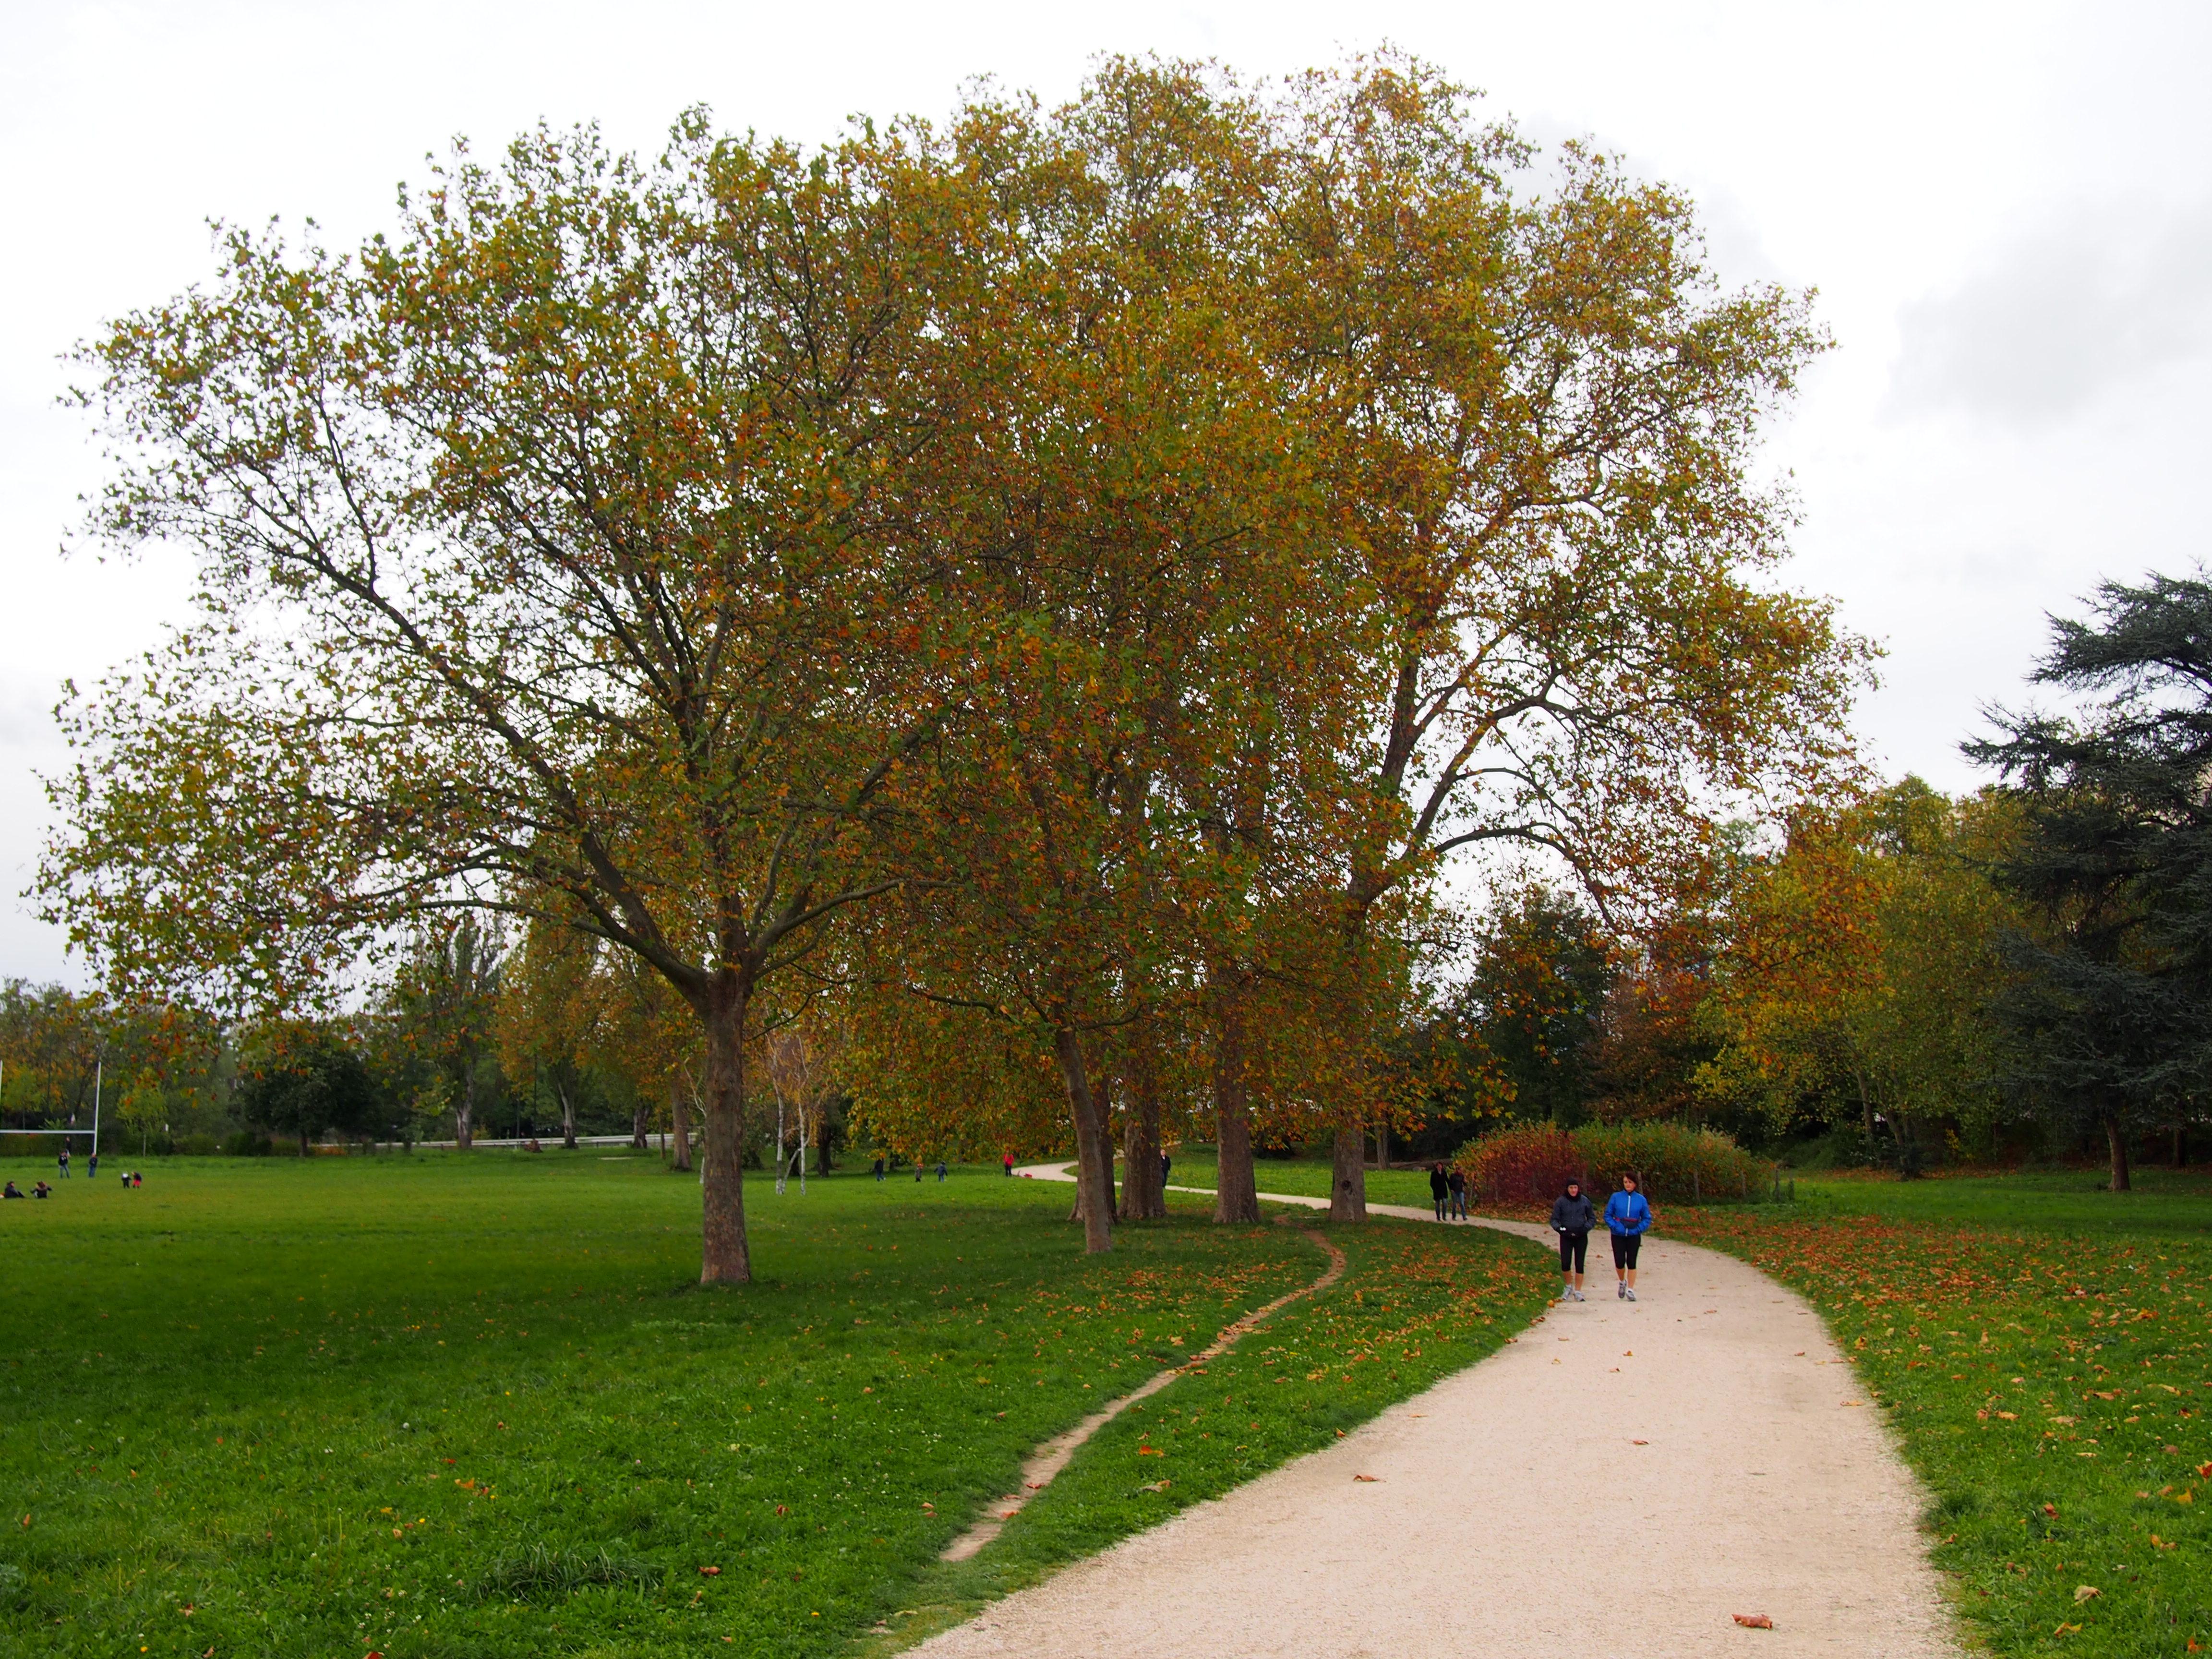 Location Velo Bois De Boulogne - BALADE AUTOMNALE AU BOIS DE BOULOGNE A VELO Claire Line's travelogues